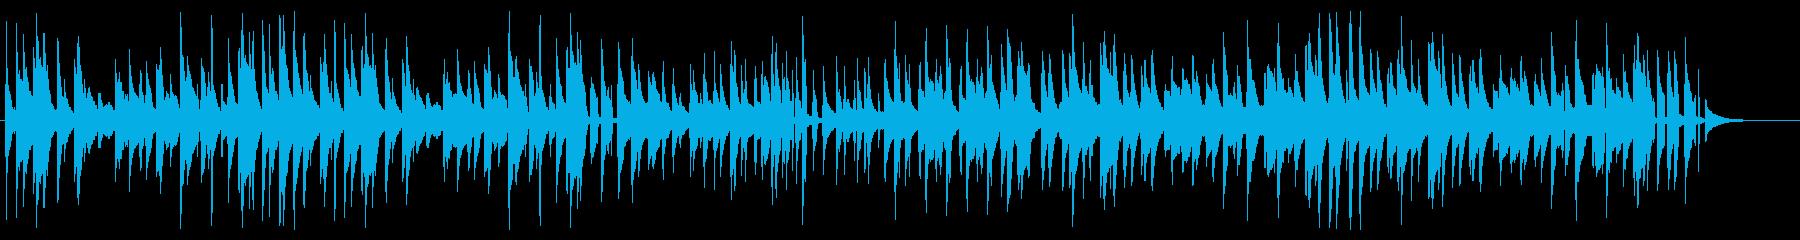 のどかでゆるい曲・ウクレレ伴奏のみ版の再生済みの波形